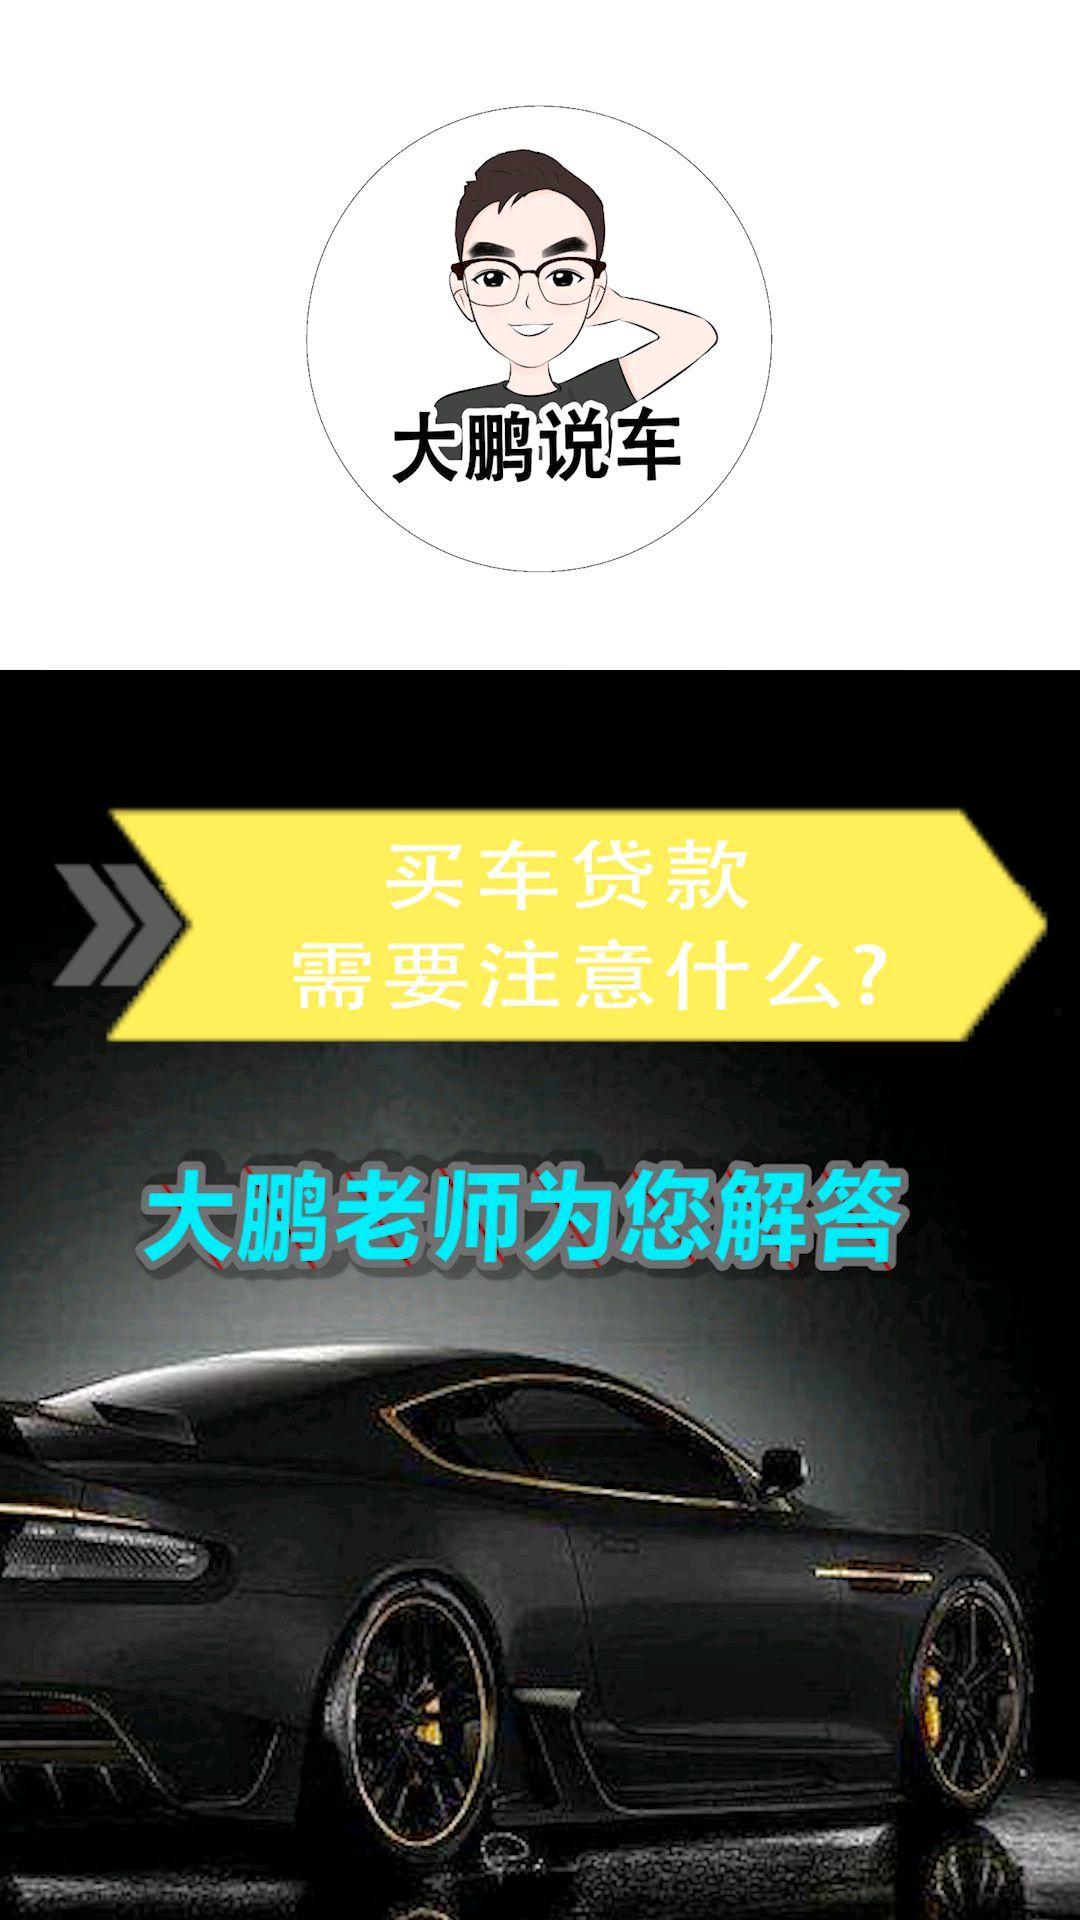 【大鹏说车】买车贷款,要注意什么?注意事项